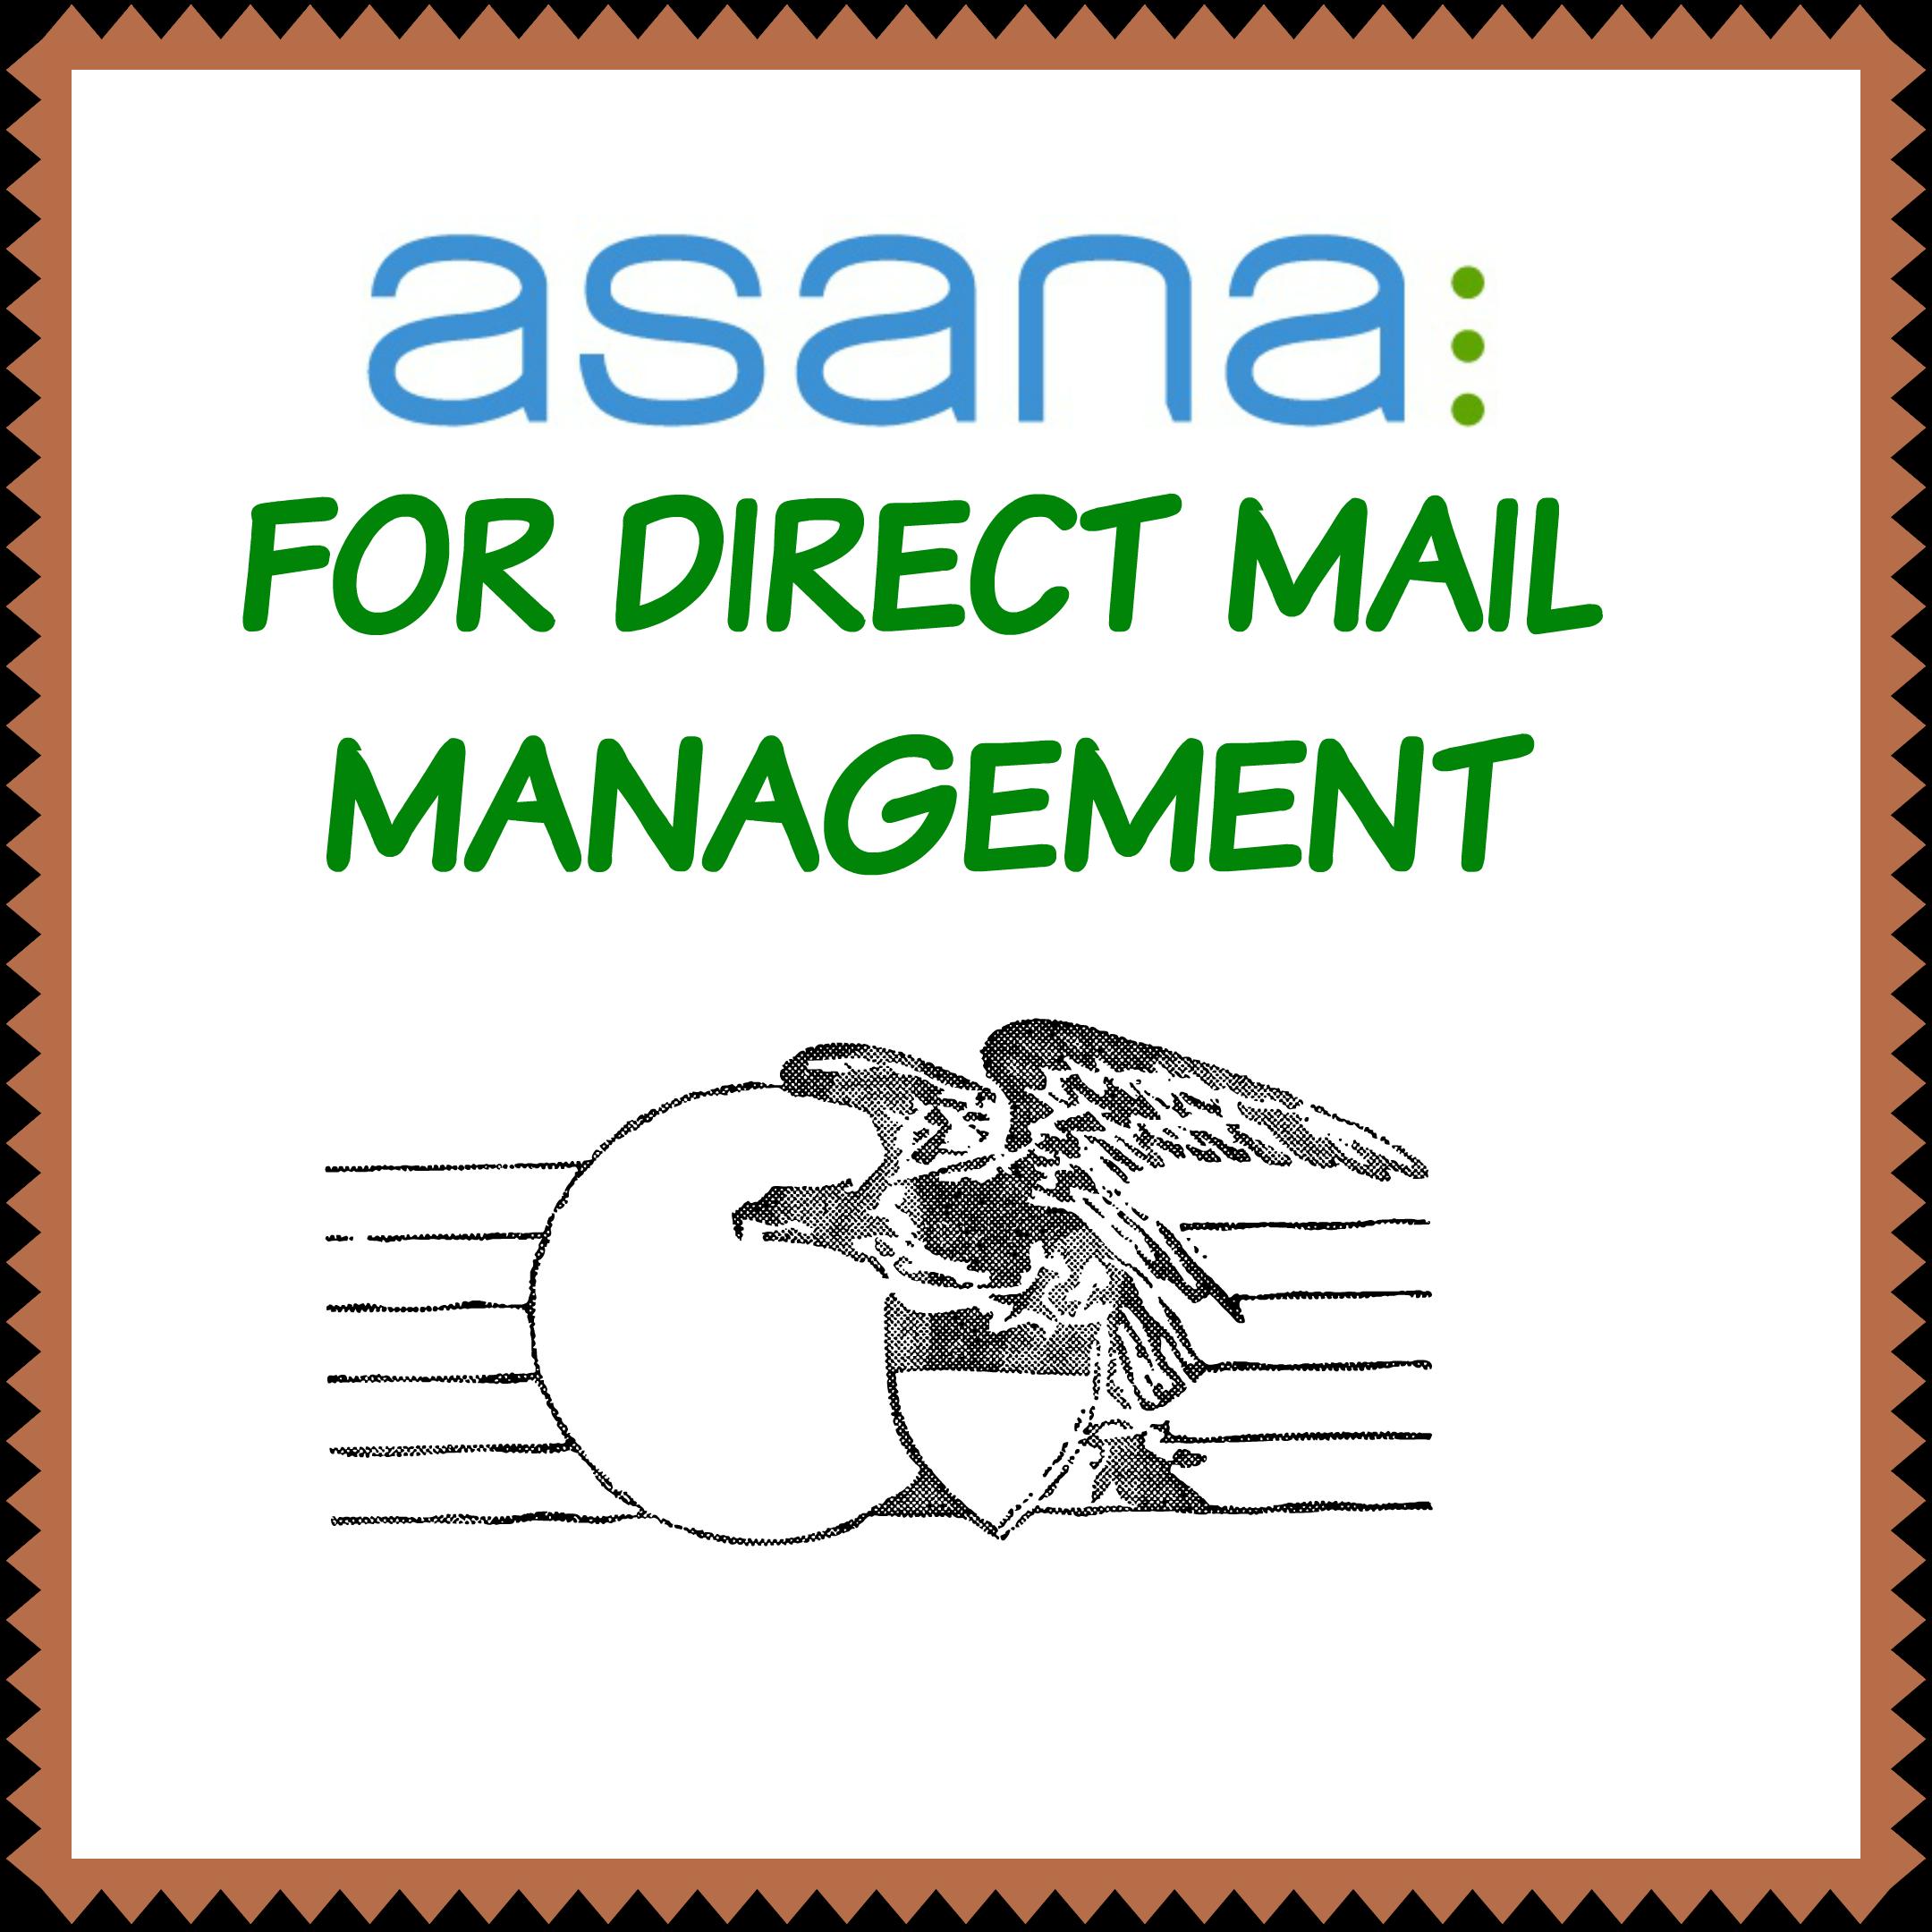 ASANA FOR DM